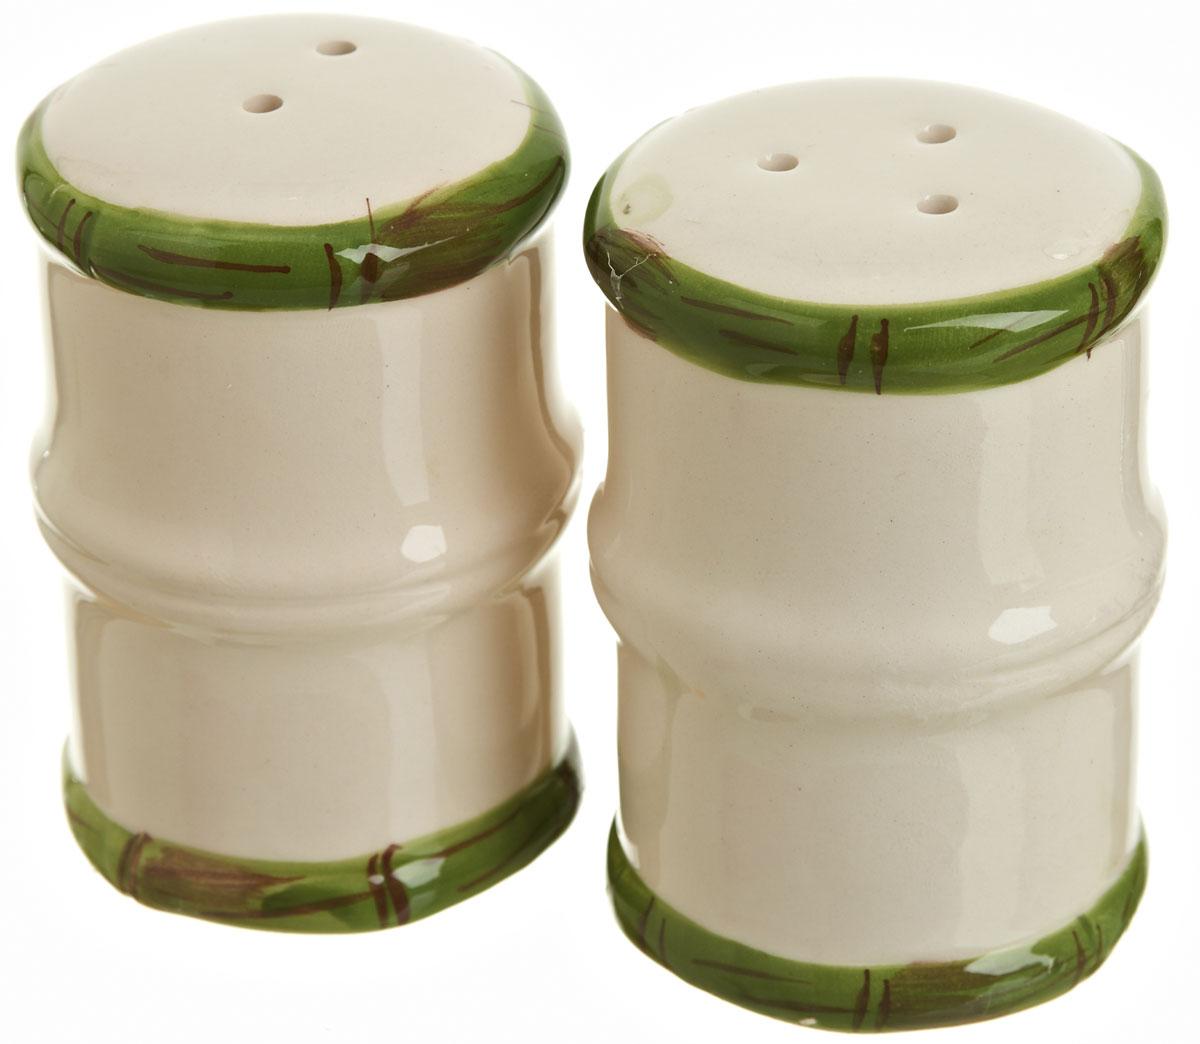 Набор для специй Polystar Nature Design, 2 предметаL0200090Набор для специй Polystar Nature Design выполнен из керамики, состоит из солонки и перечницы. Изделия оригинальной формы в виде бамбука. Благодаря своим компактным размерам набор не займет много места на вашей кухне.